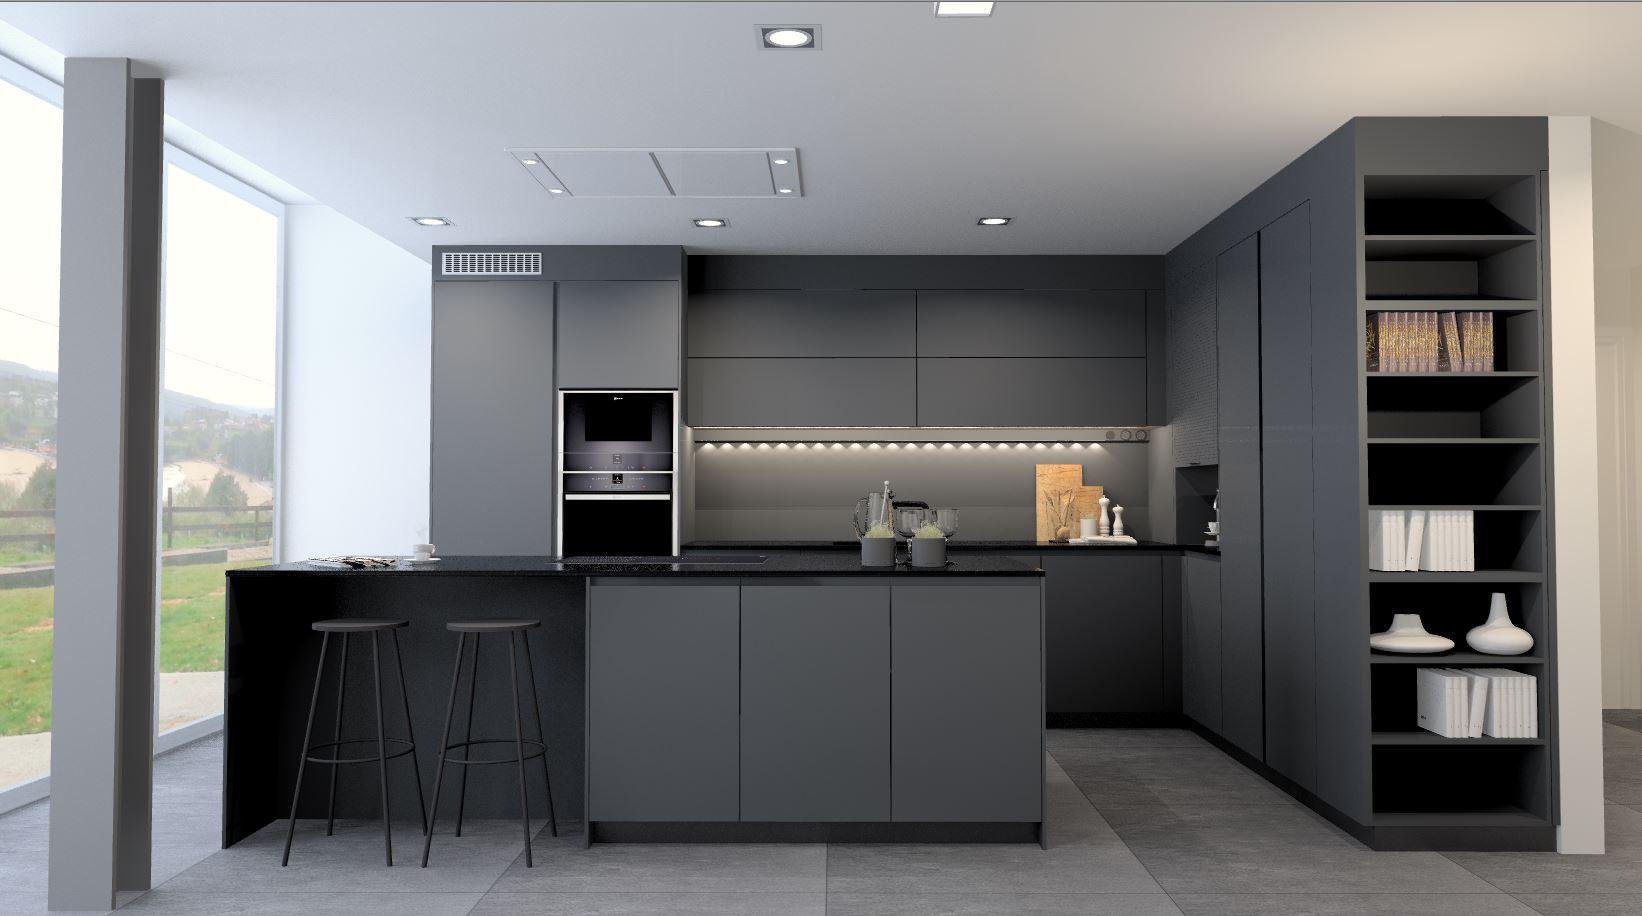 Cocina negra abierta y luminosa Santos